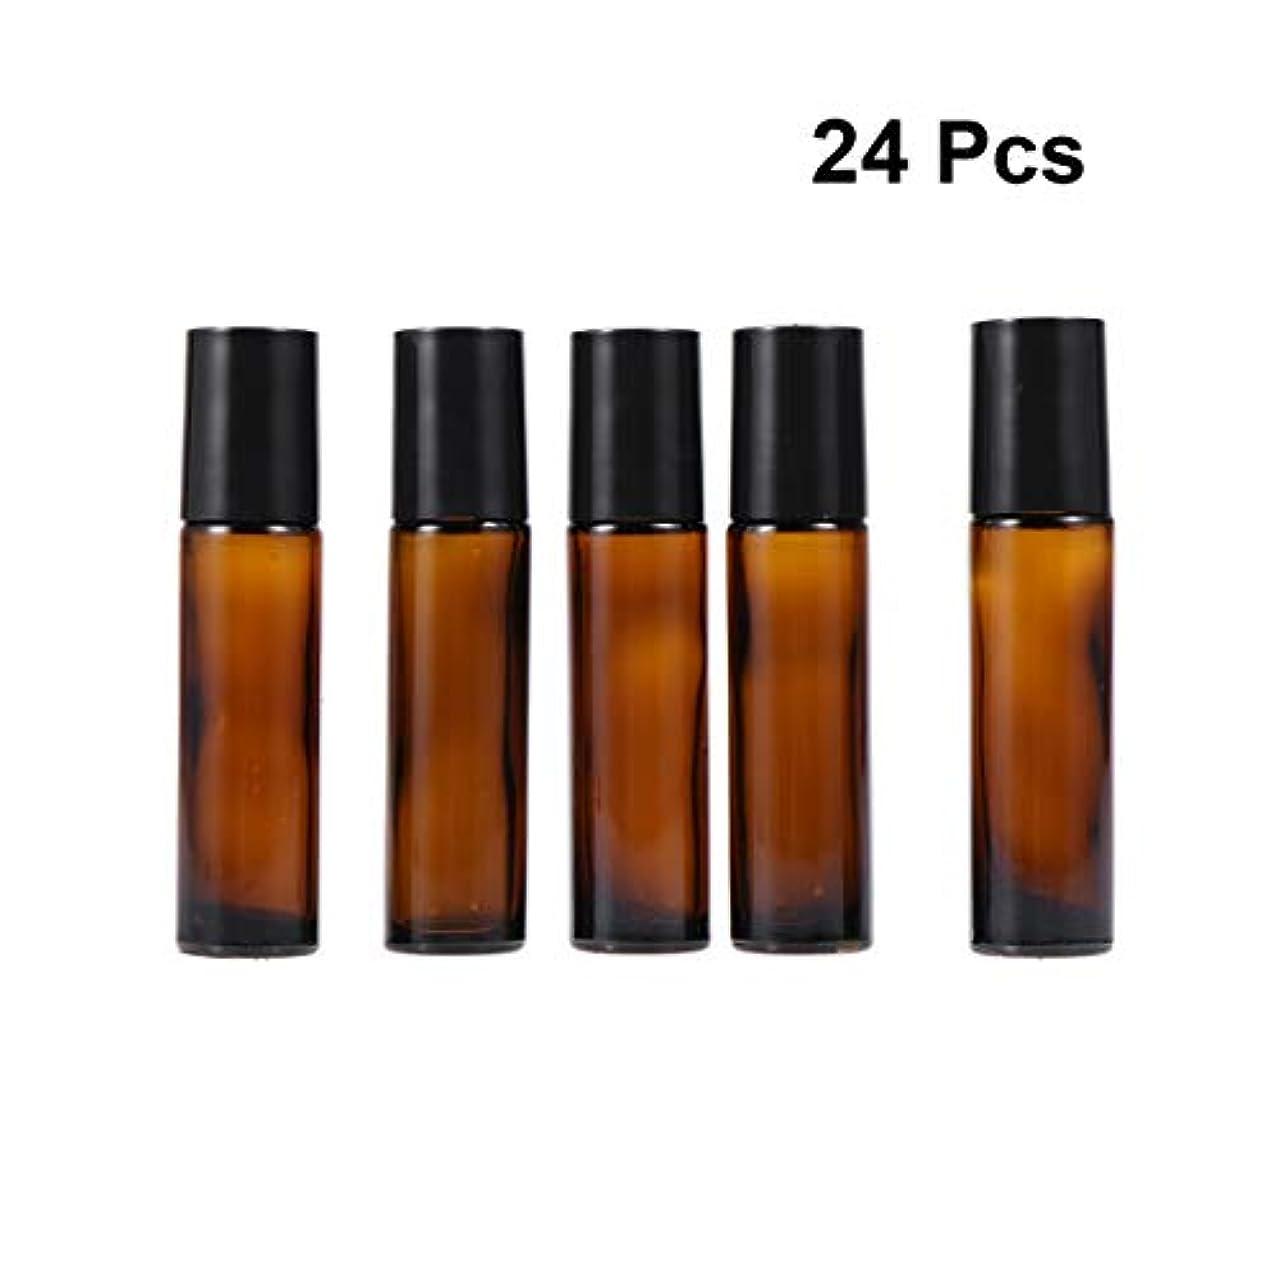 洞察力町アコードiplusmile ロール ボトル 遮光瓶 ガラスロール 10ml 精油 香水 小分け用 アロマボトル 保存容器 携帯用 出張 海外旅行 24本セット